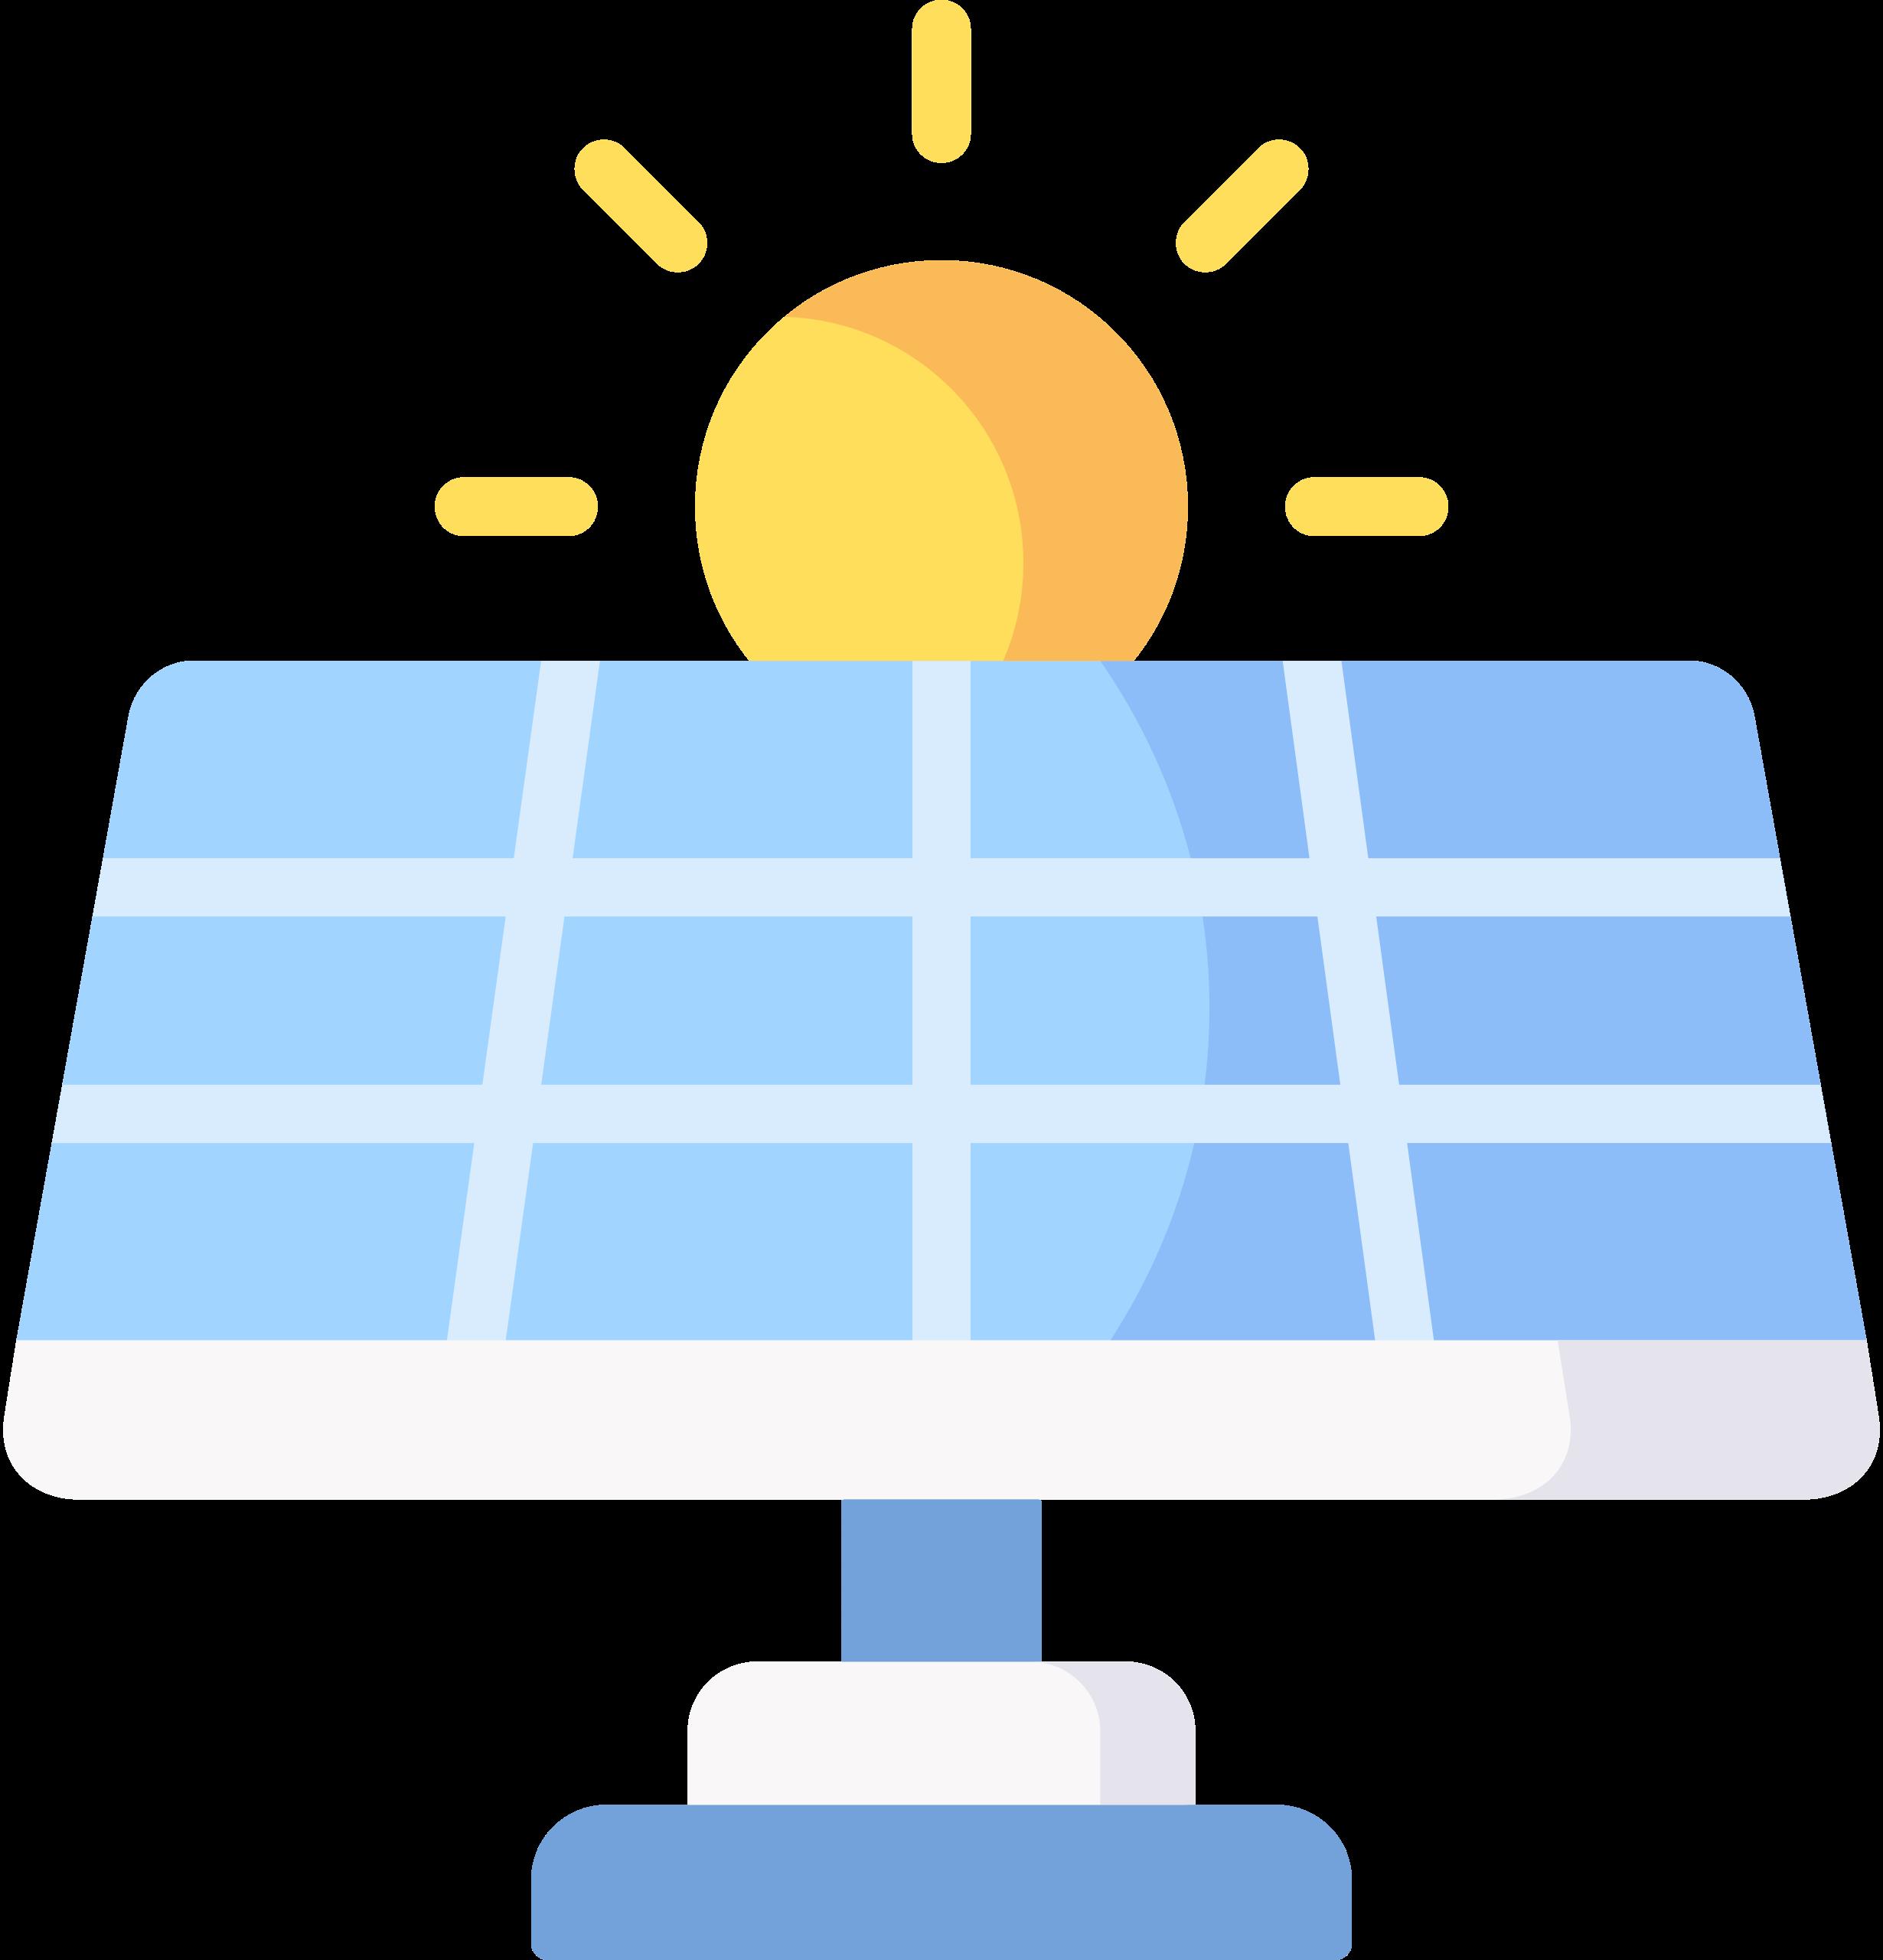 Panneaux Solaire Icon